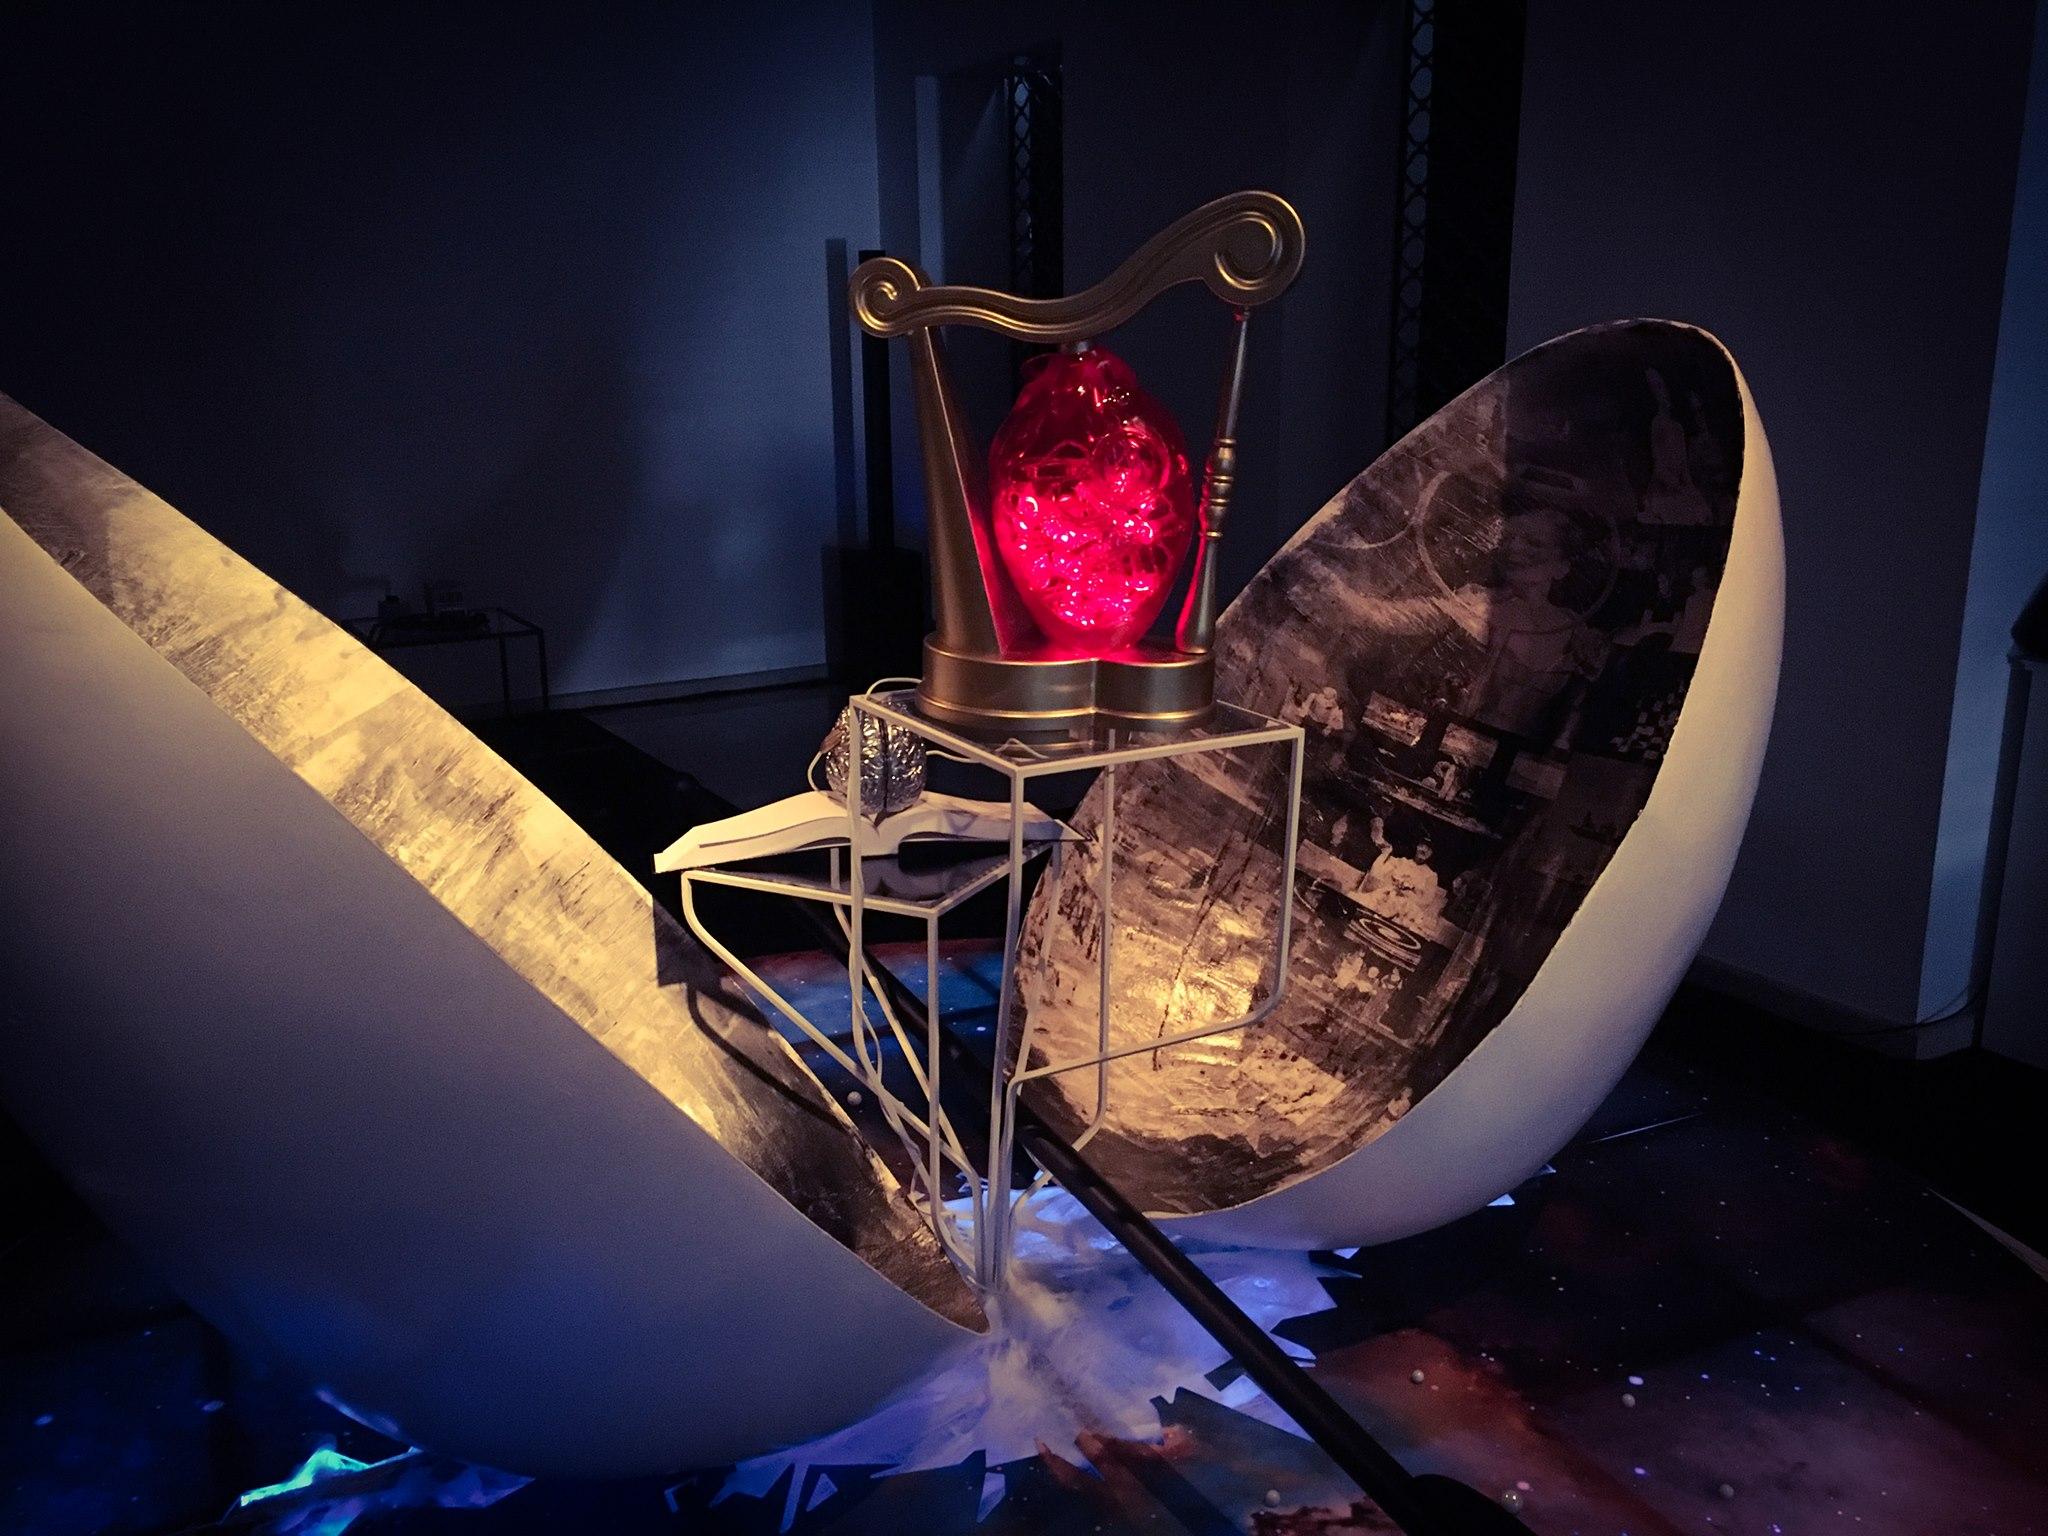 Matej Filipčič: Gledališki objekti – Razpoka v kozmičnem jajcu